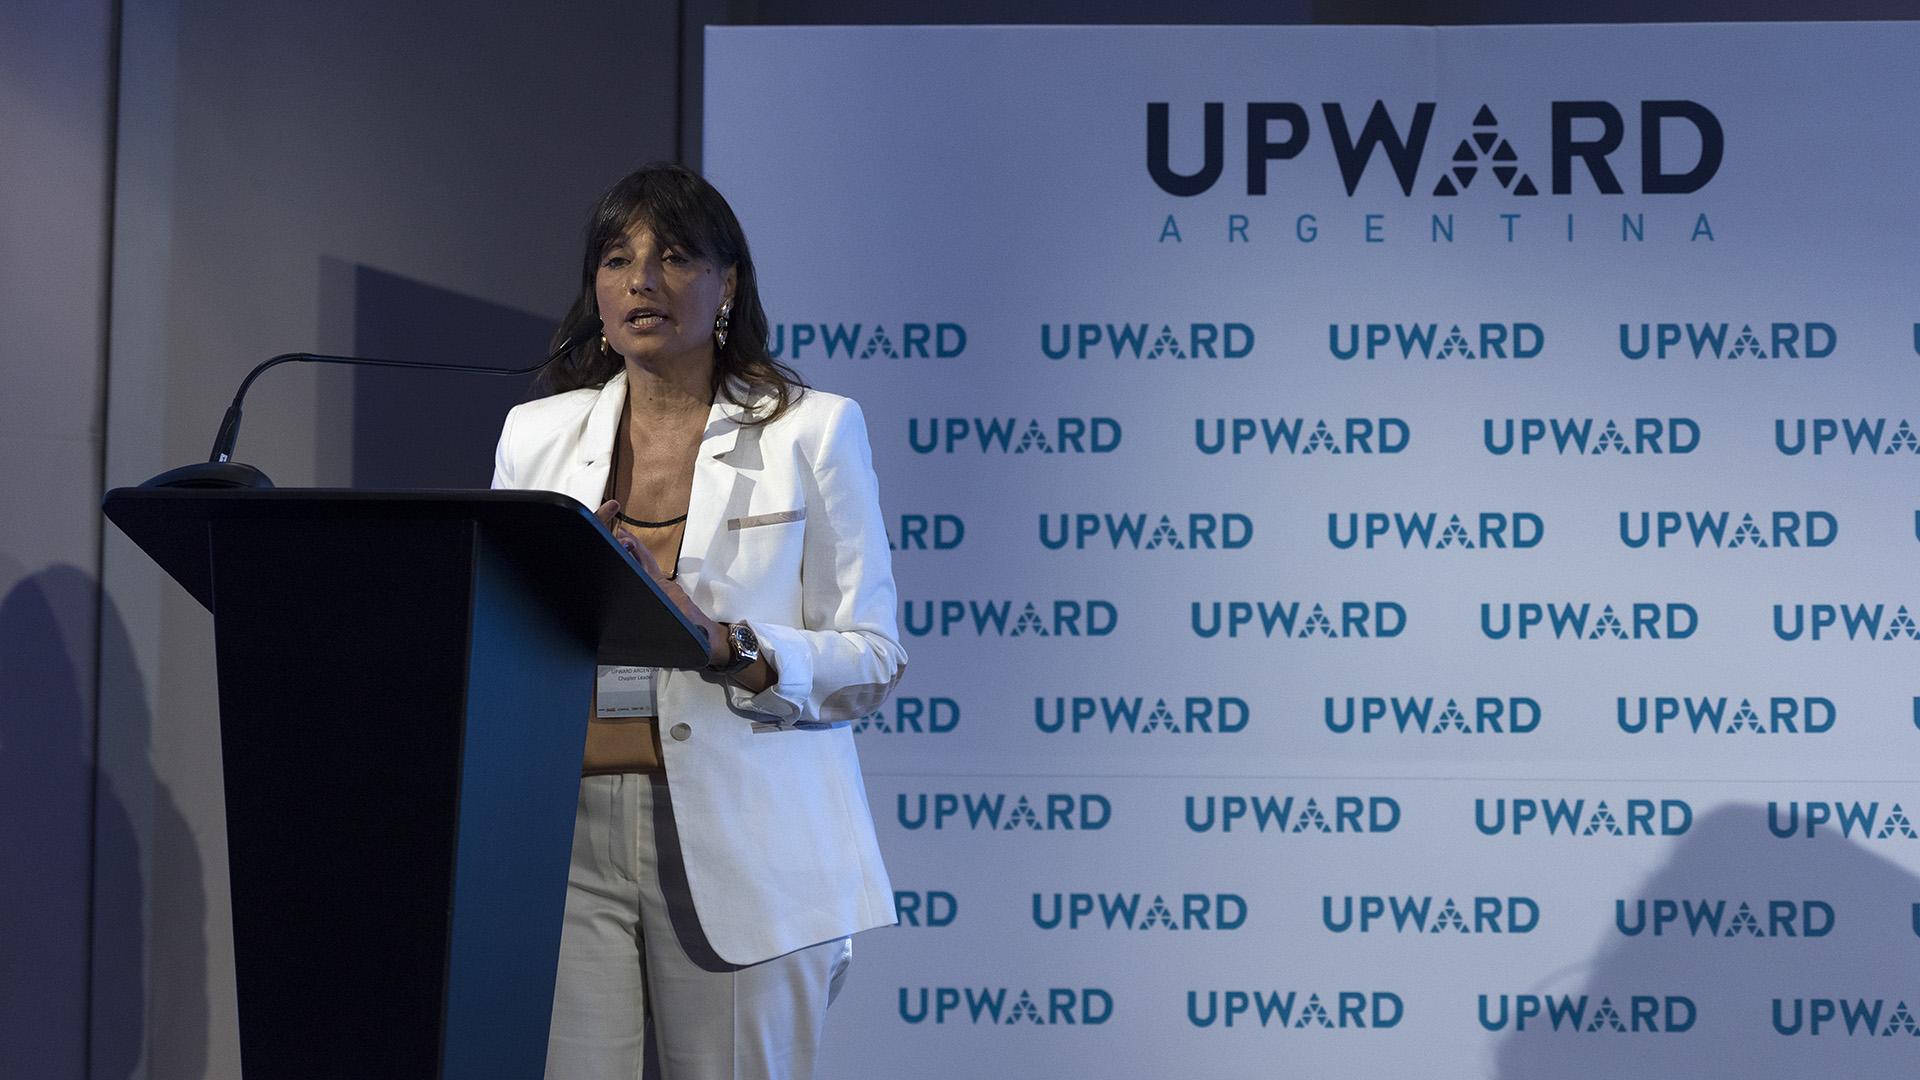 """Viviana Zocco """"Estoy muy contenta. Llegamos al primer año de UPWARD Argentina y cumplimos nuestros objetivos"""", aseguró Zocco. En ese sentido, resaltó que """"debemos compartir lo que nos pasa con los hombres"""""""